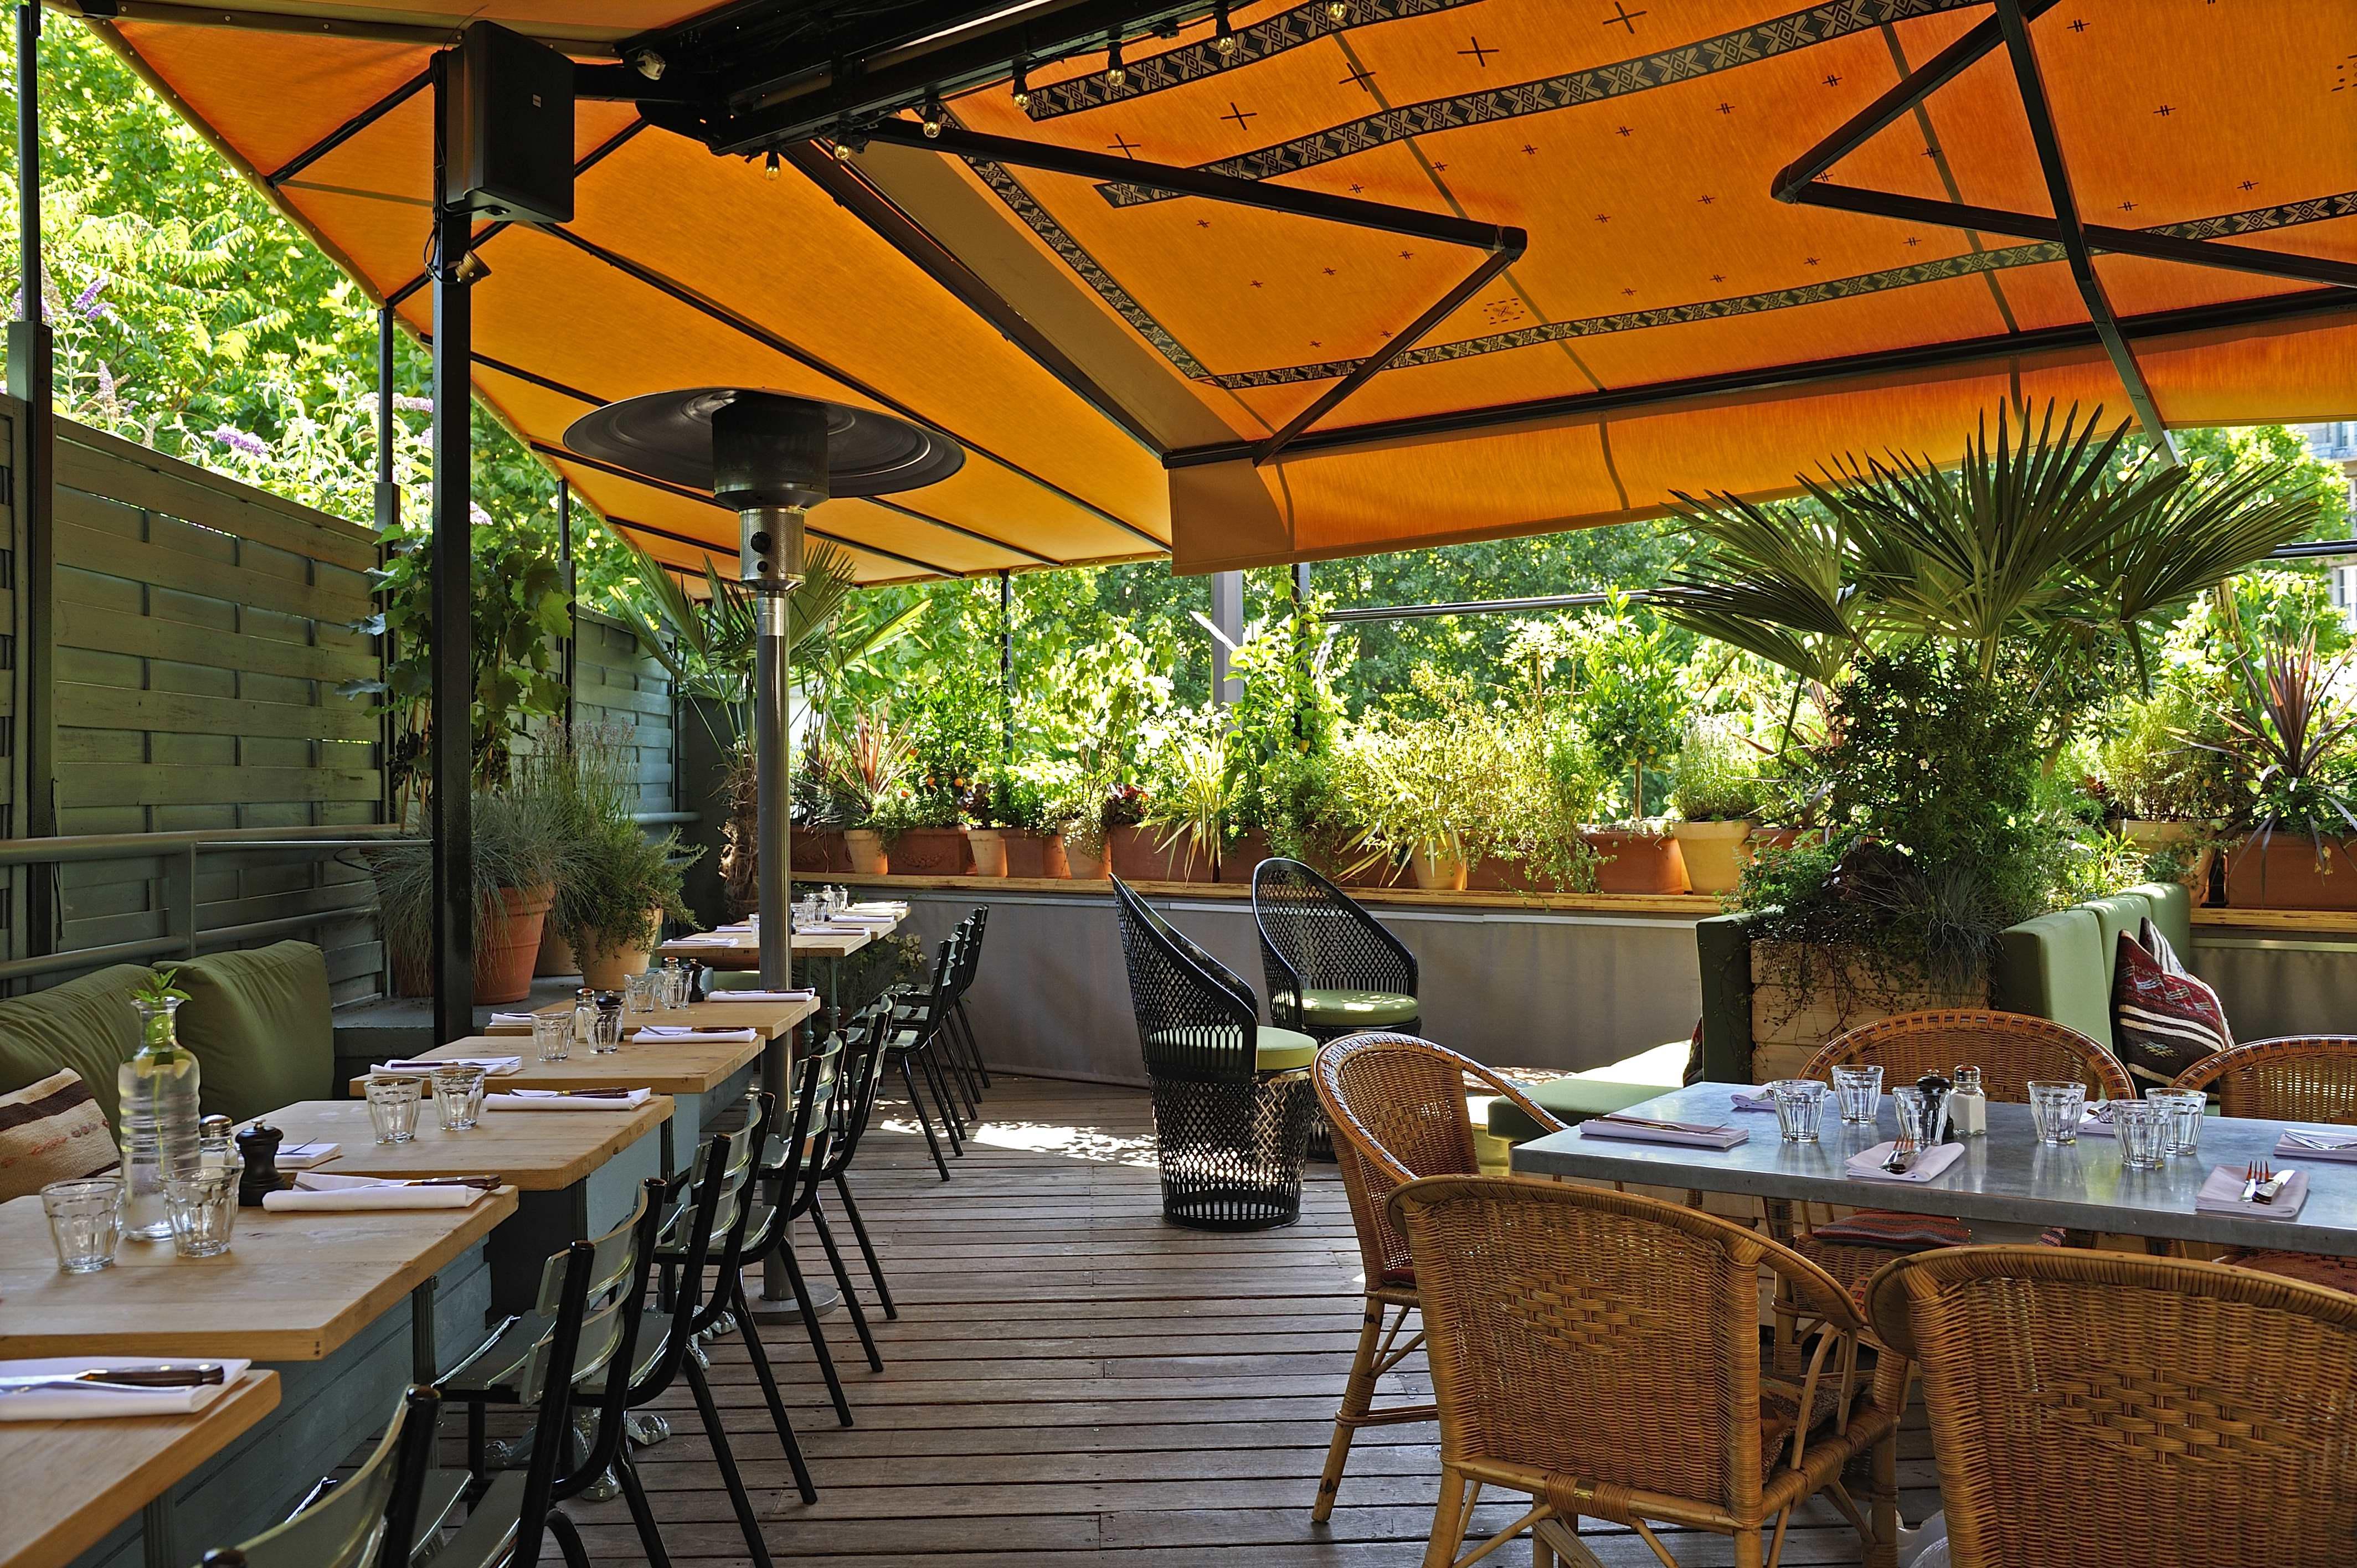 L 39 evasion des sens bbq automnal la brasserie auteuil - Photo fermer une terrasse couverte ...